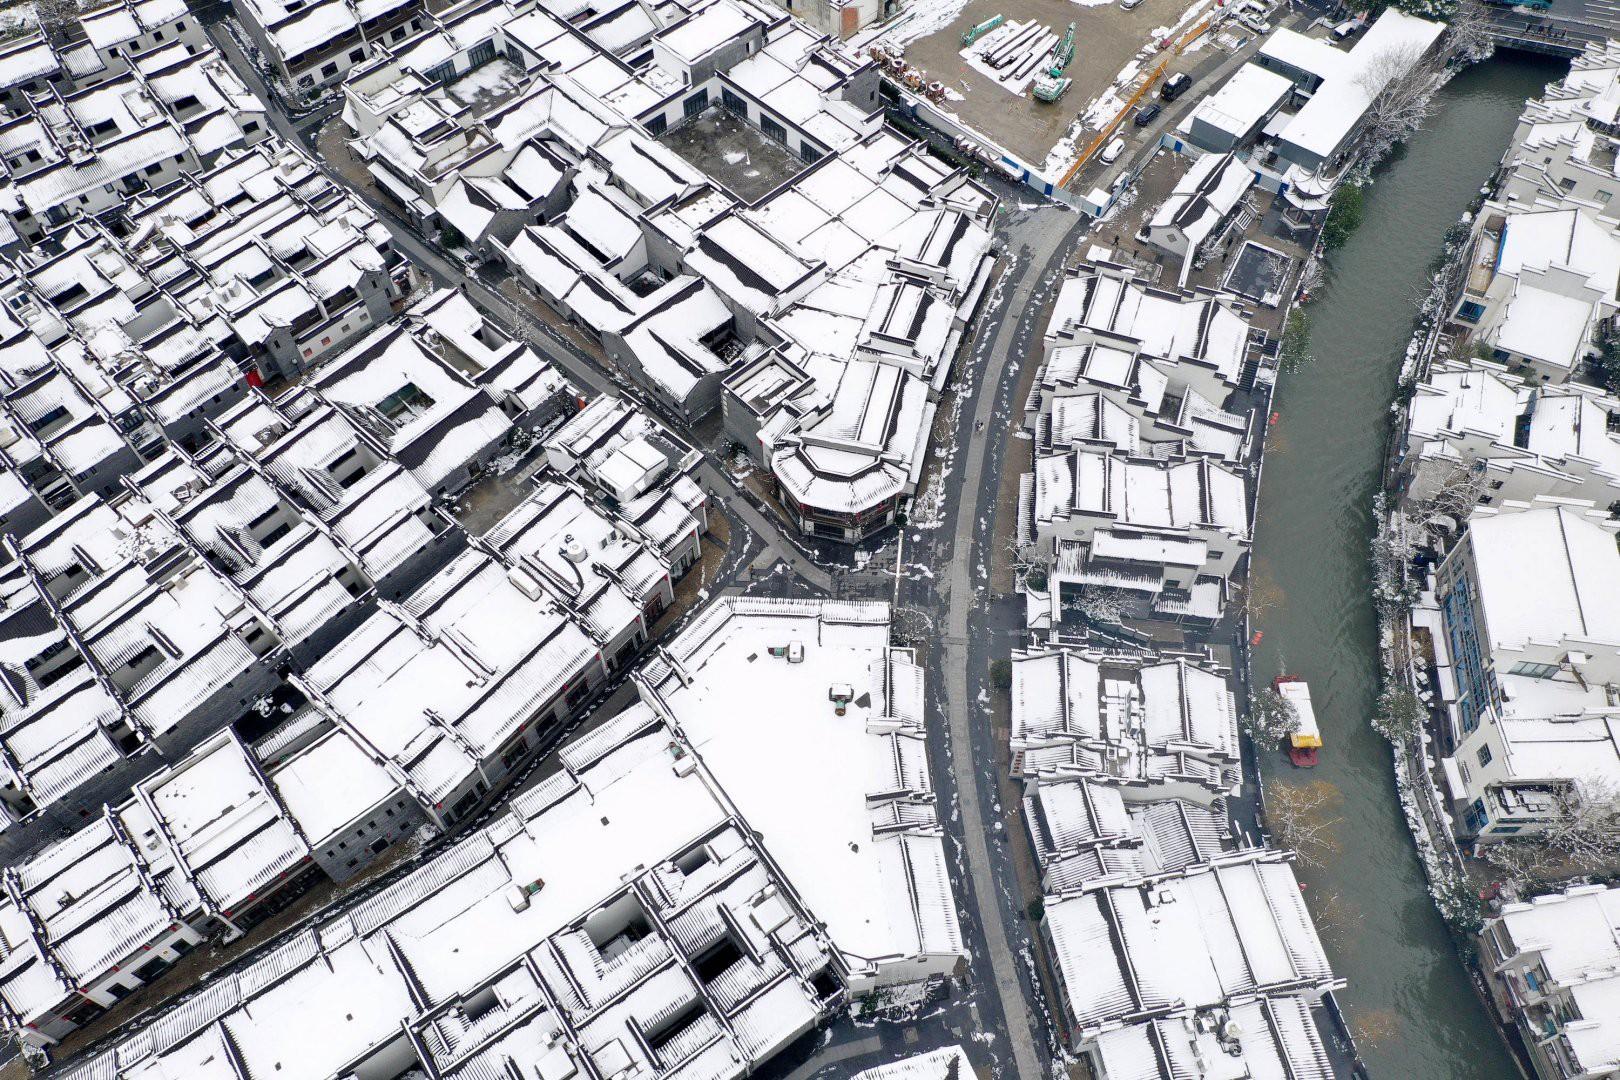 Vẻ đẹp trong trẻo của tuyết mùa xuân ở Trung Quốc khiến nhiều tín đồ du lịch cuồng chân dù đã hết Tết - Ảnh 9.